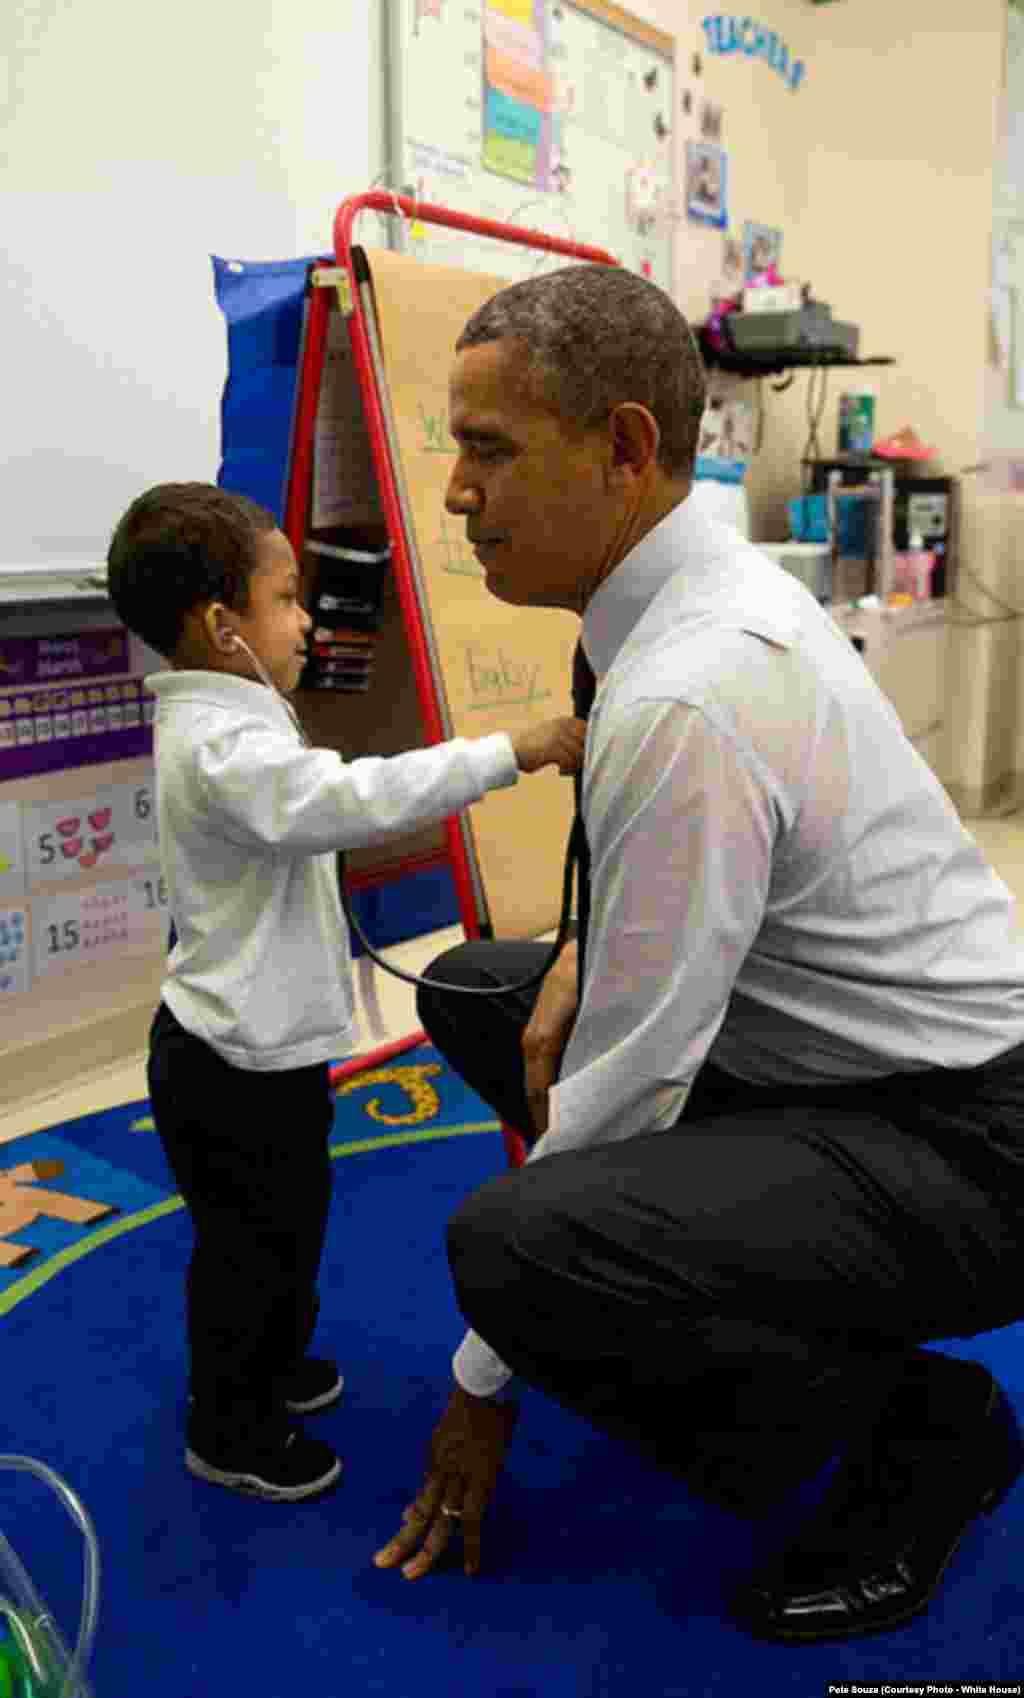 Le président visite une école primaire à Washington DC, le 1er juin 2014.